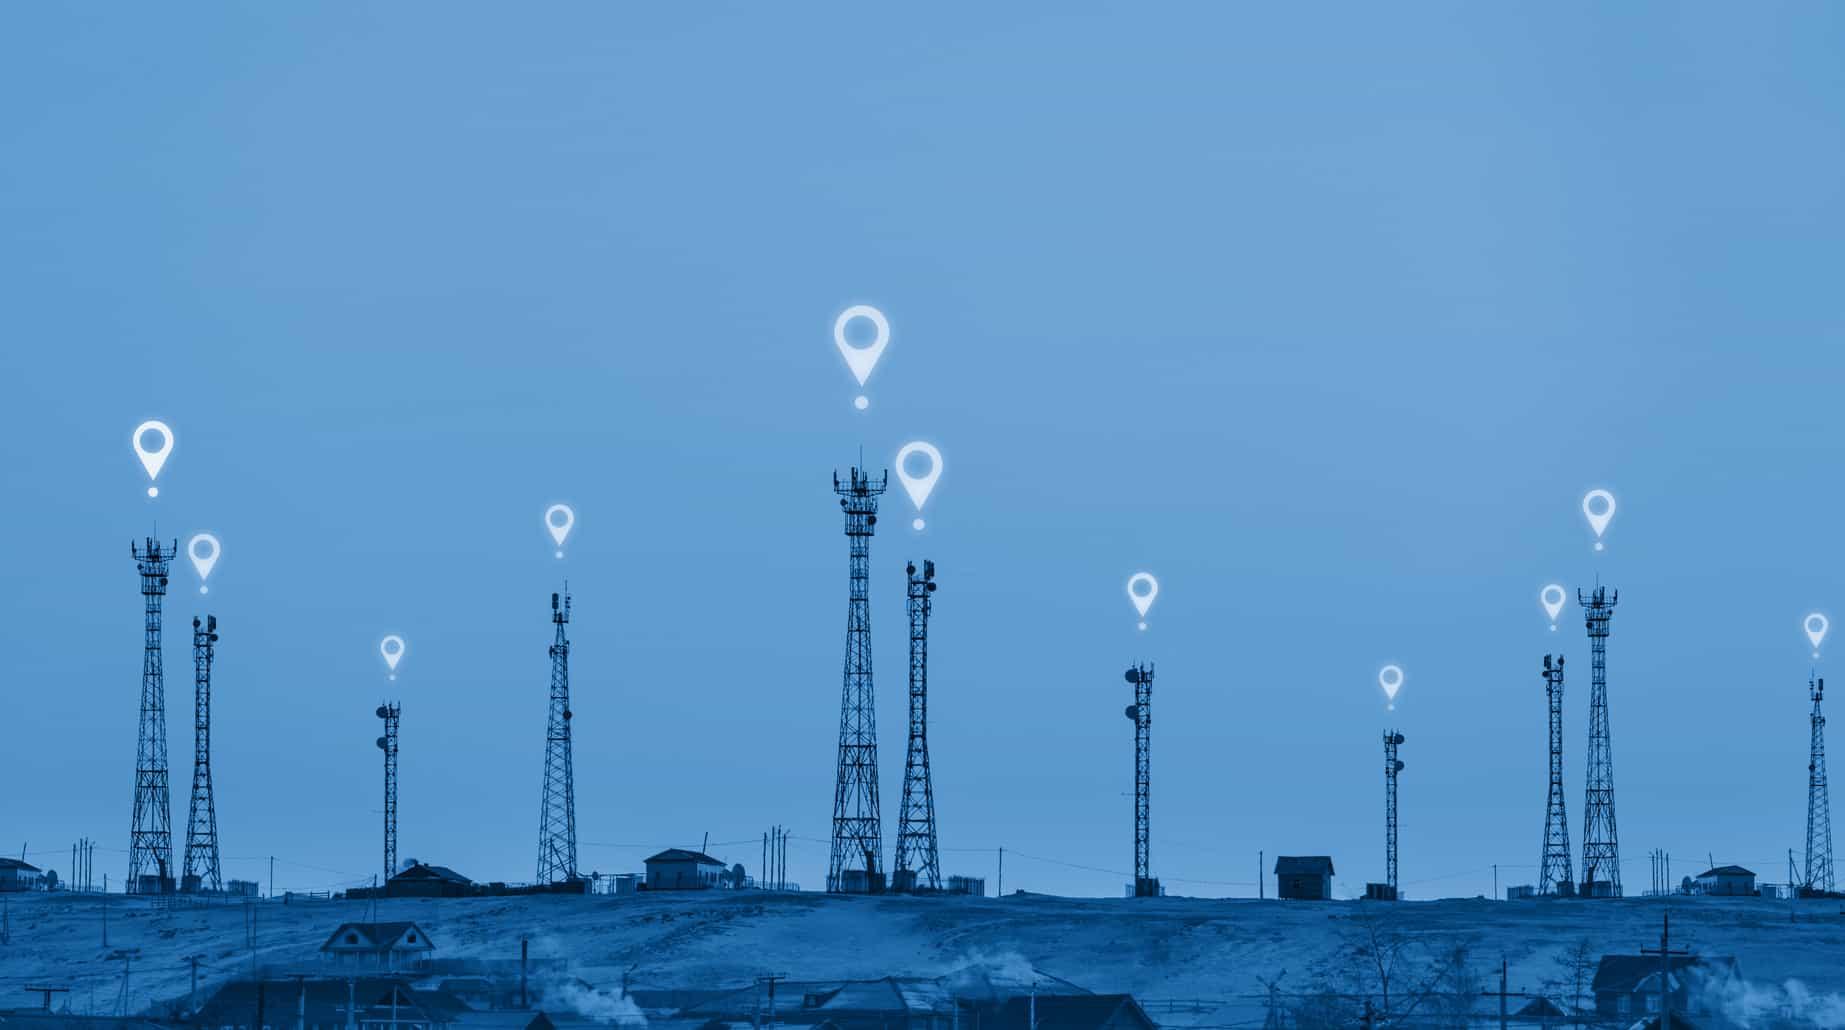 Los operadores han emprendido estrategias comerciales como bonificación de datos móviles para captar más clientes, según consultorías.